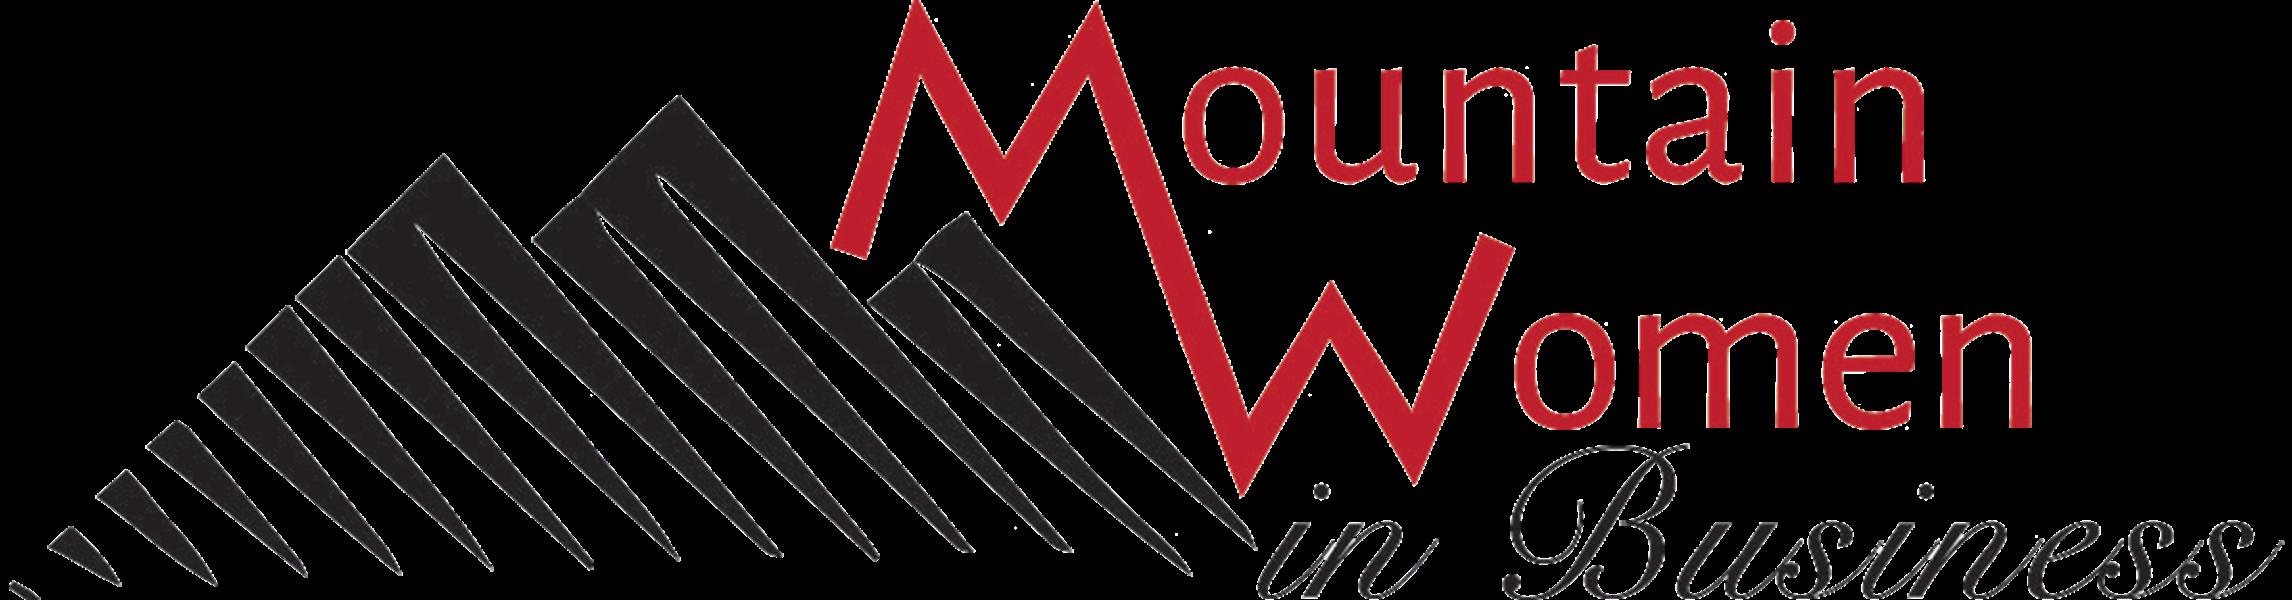 Mountain Women in Business